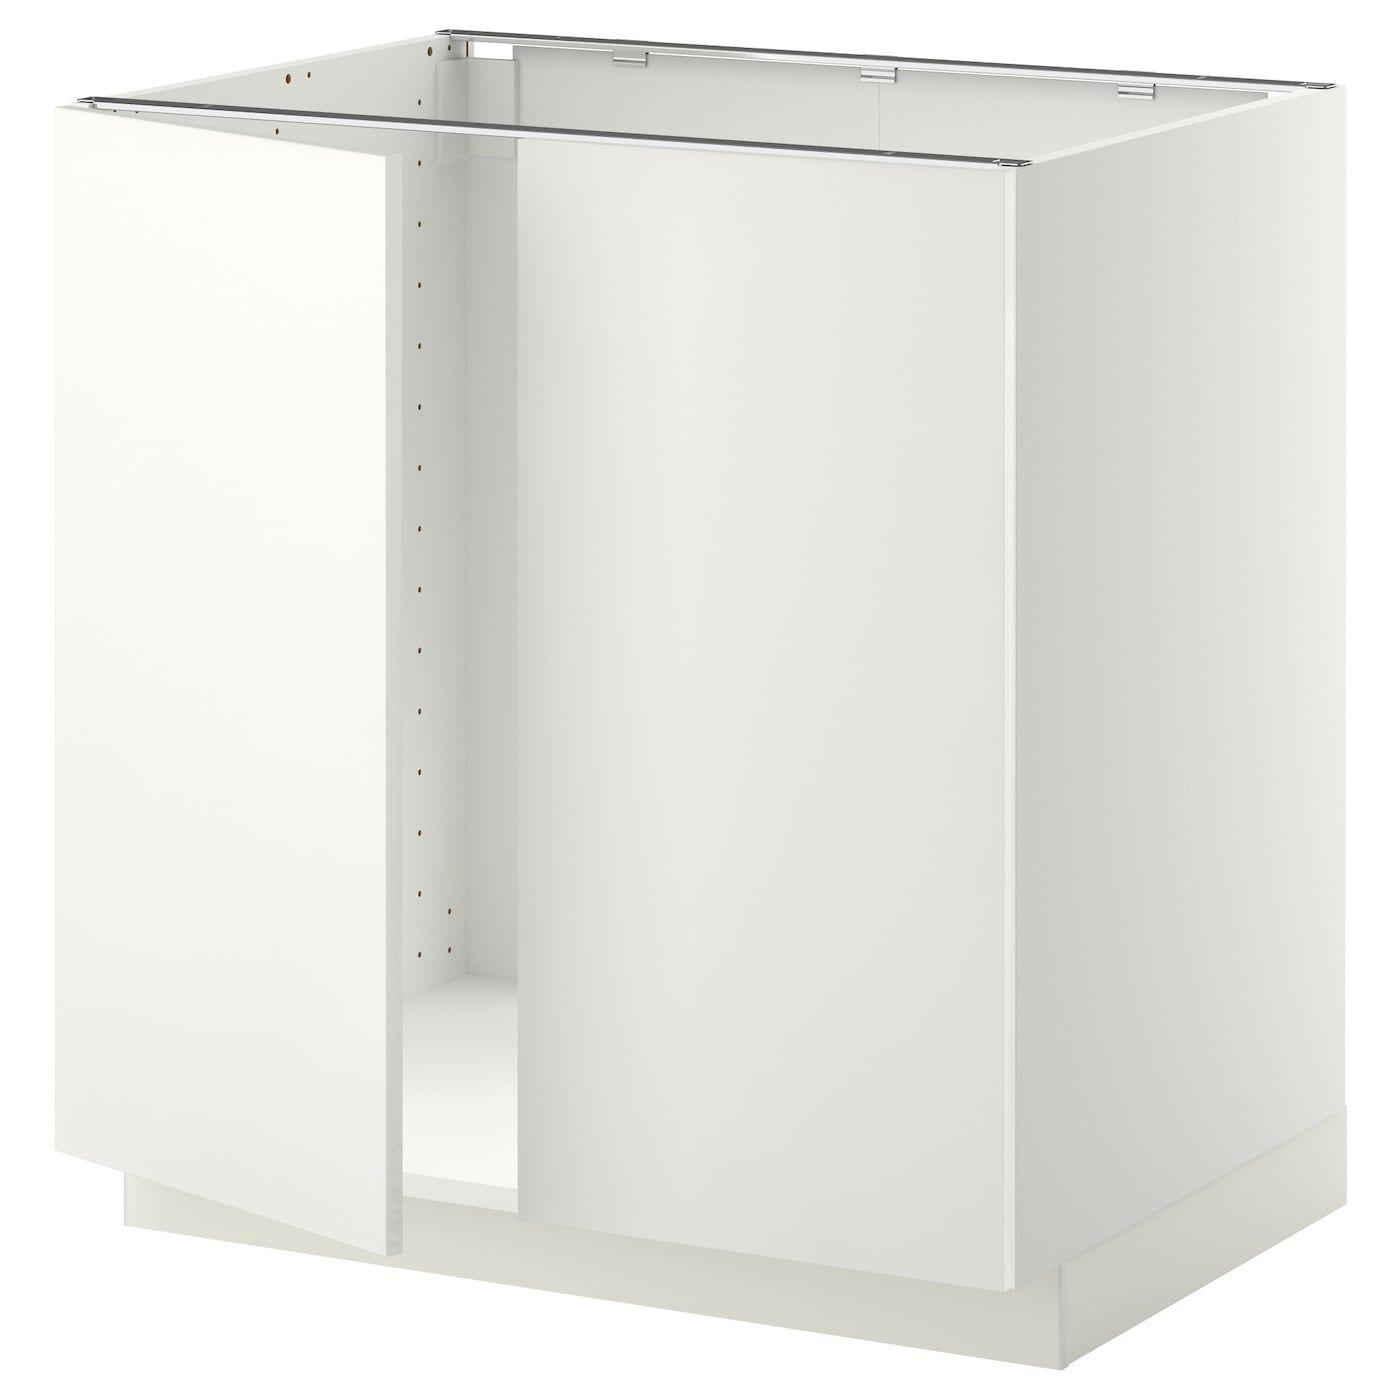 Full Size of Ikea Unterschrank Metod Fr Sple 2 Tren Wei Küche Badezimmer Kosten Eckunterschrank Modulküche Bad Betten Bei Holz 160x200 Sofa Mit Schlaffunktion Kaufen Wohnzimmer Ikea Unterschrank